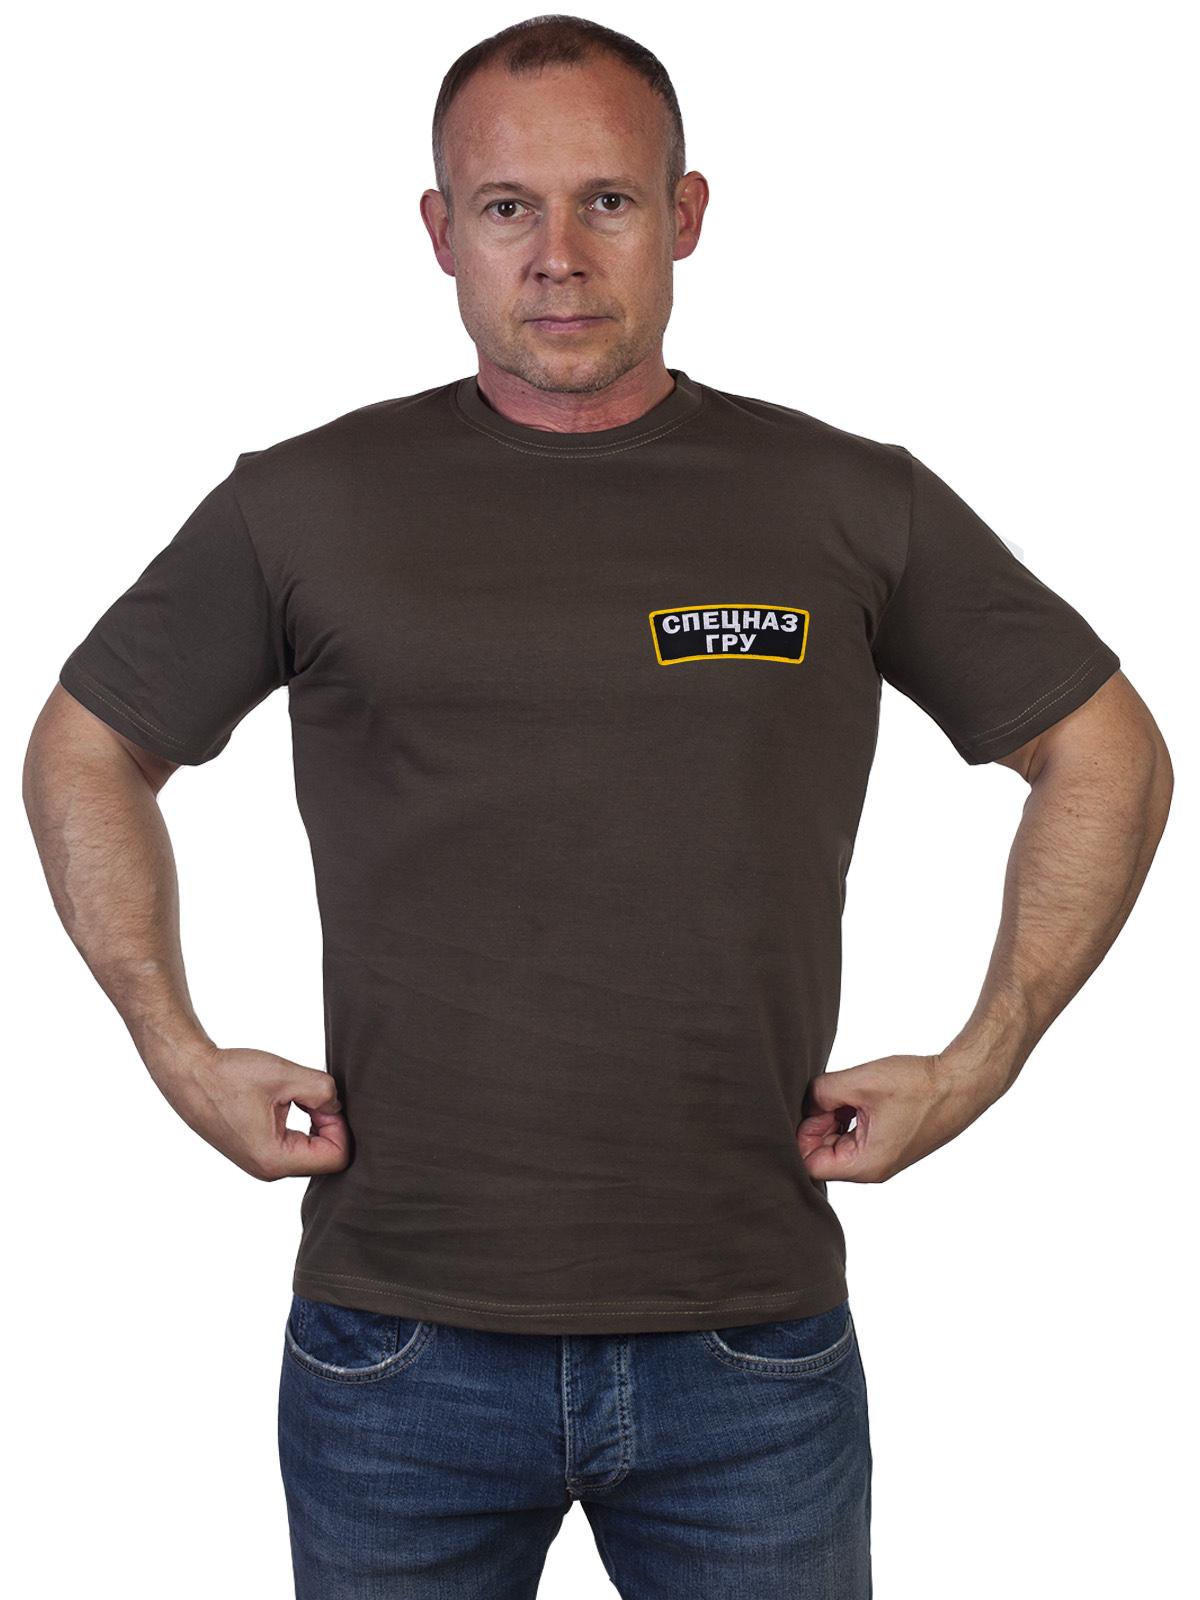 Мужские футболки и другая одежда с символикой ГРУ